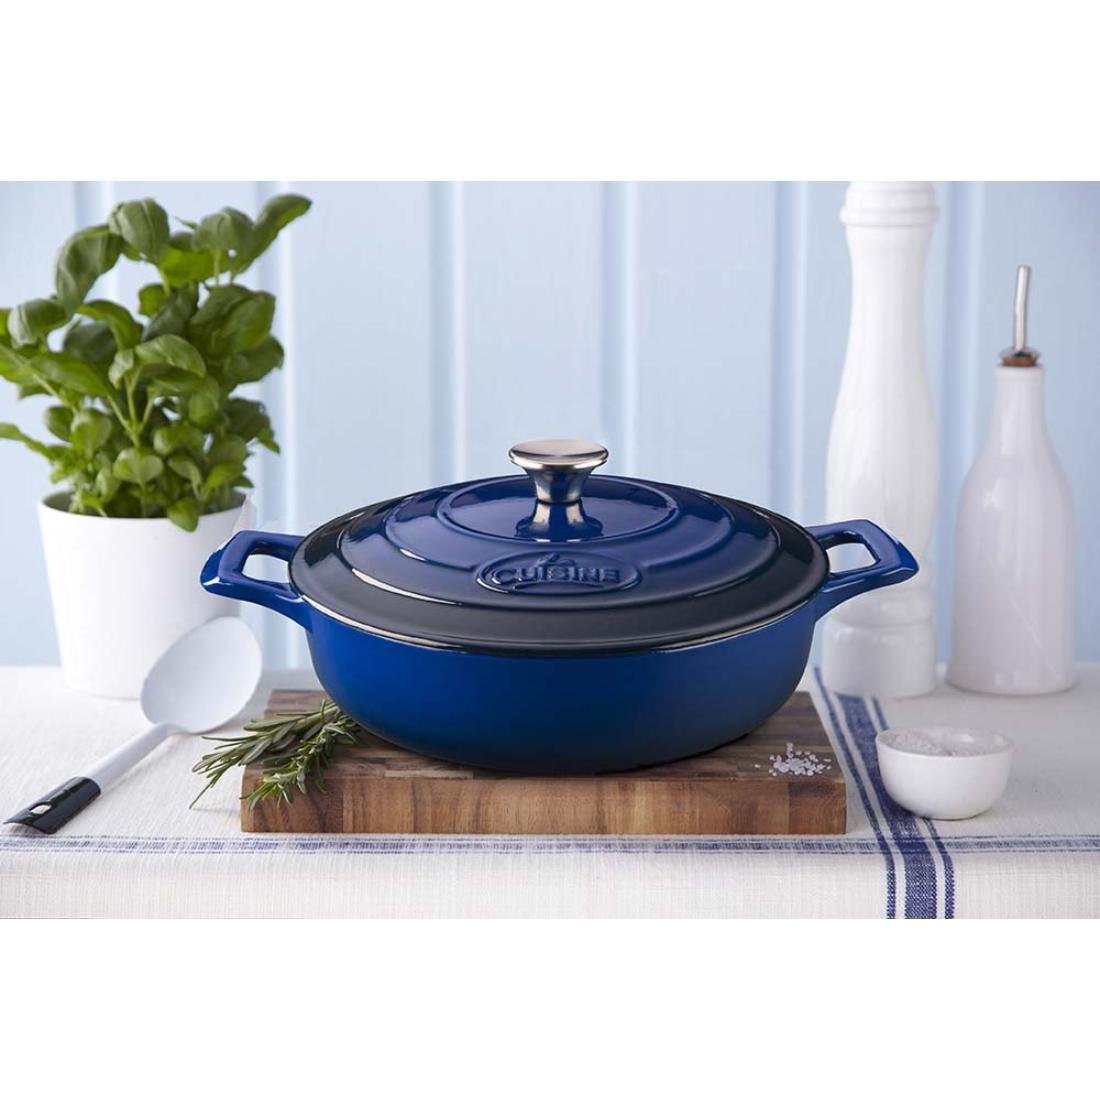 La Cuisine Blue öntöttvas lábas-sütőtál  28 cm